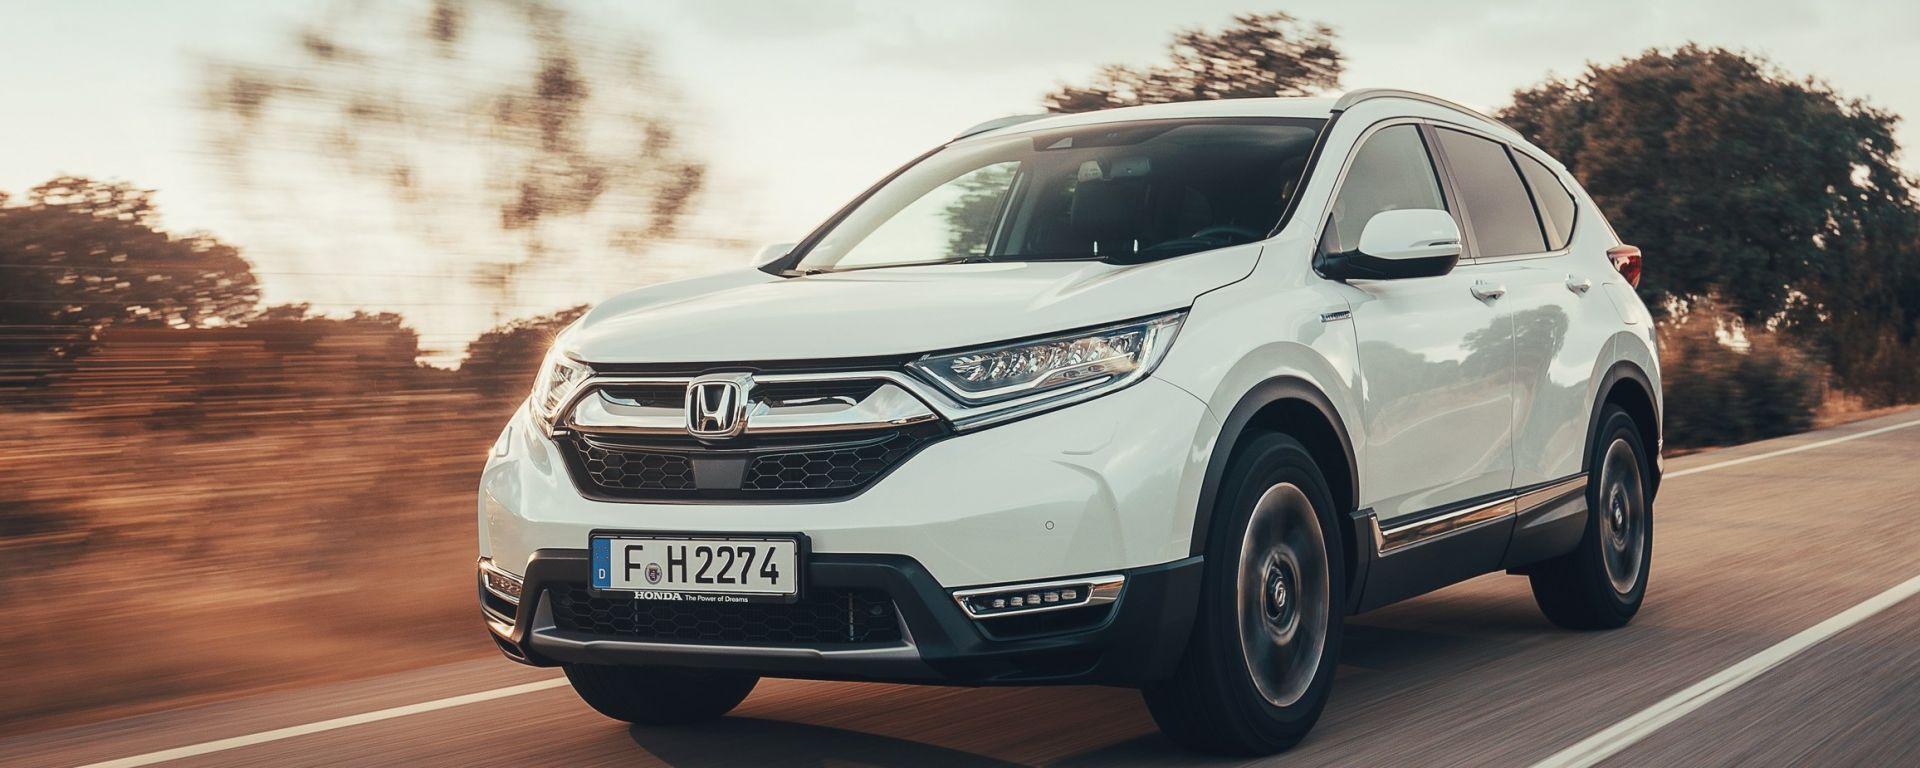 Honda CR-V Hybrid: la prova su strada del SUV ibrido